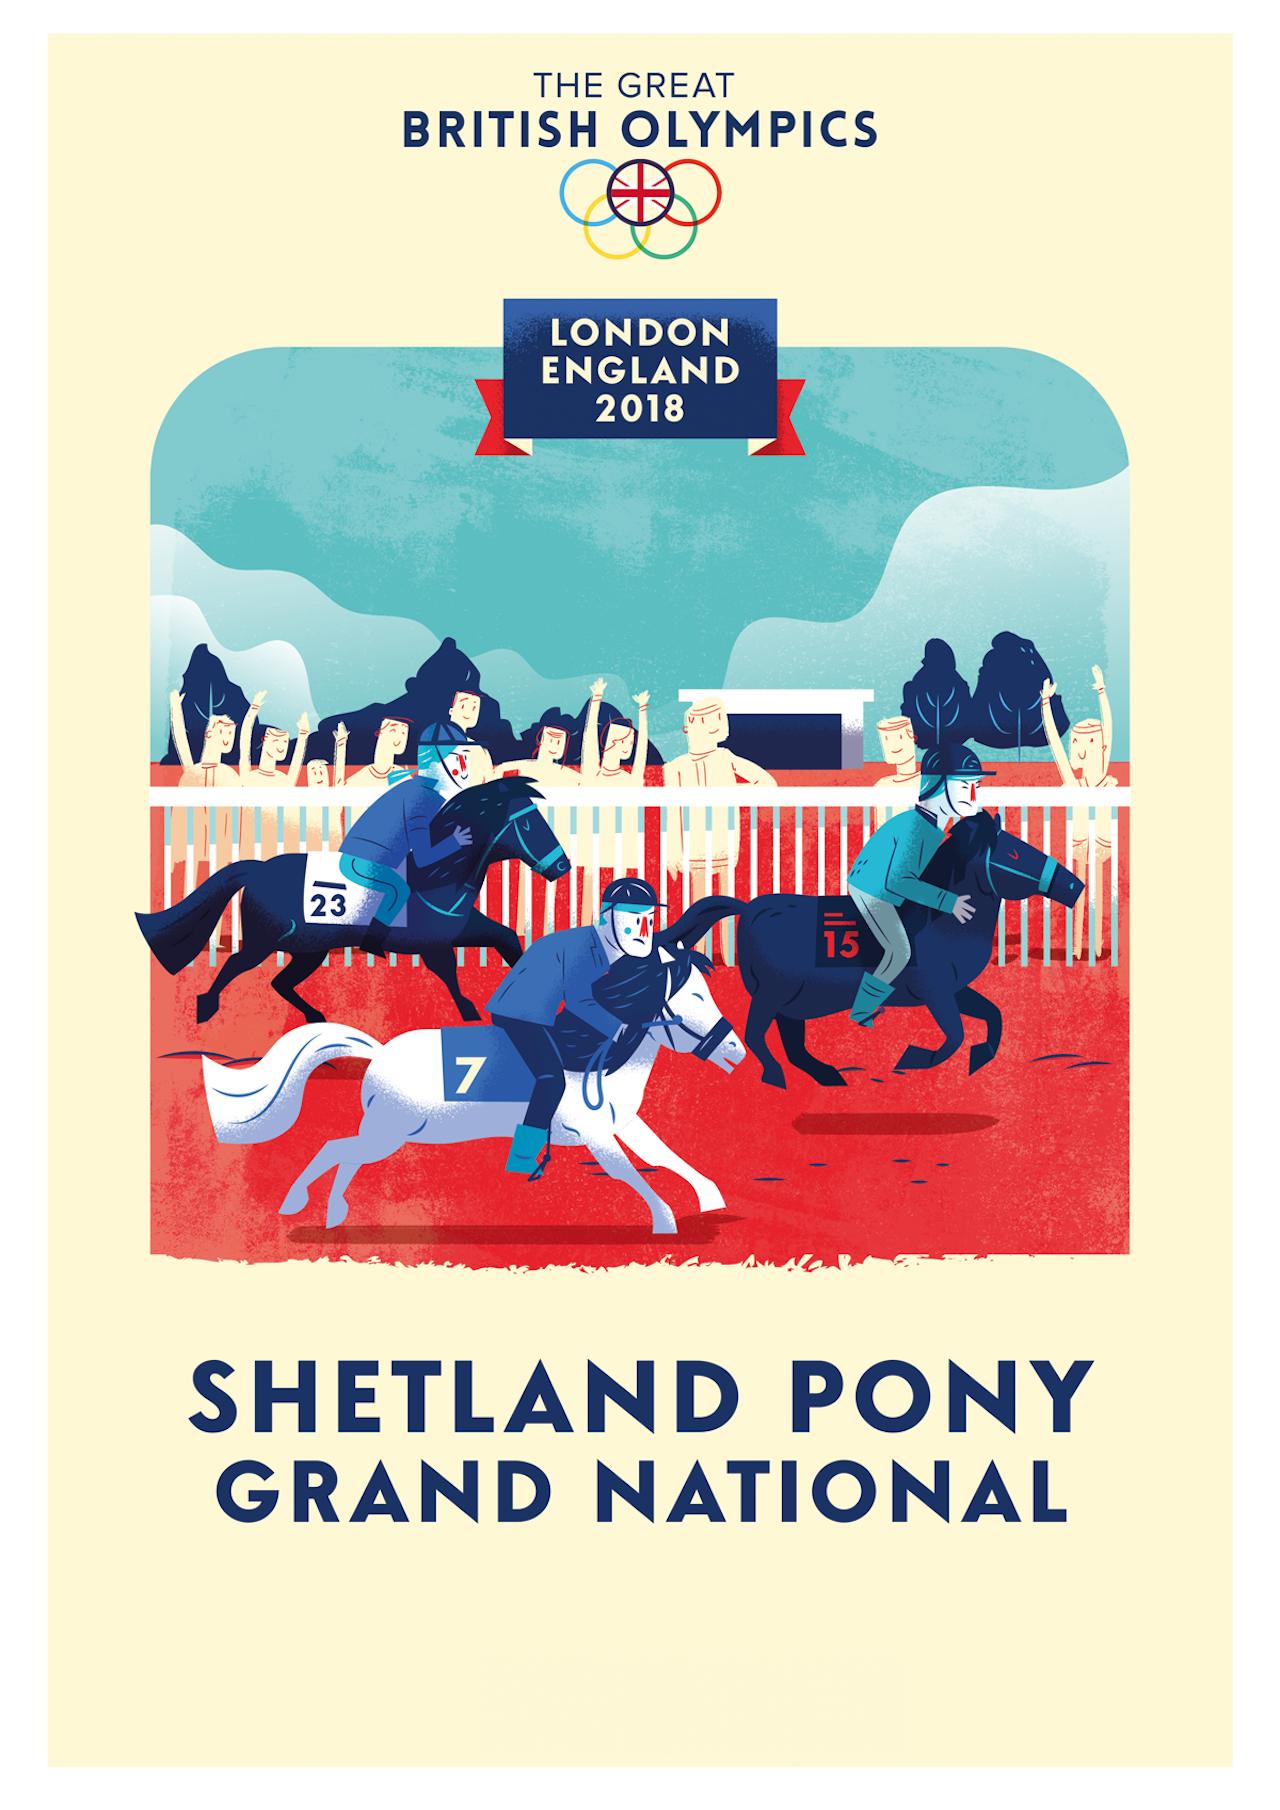 British Olympics_08 Shetland Pony